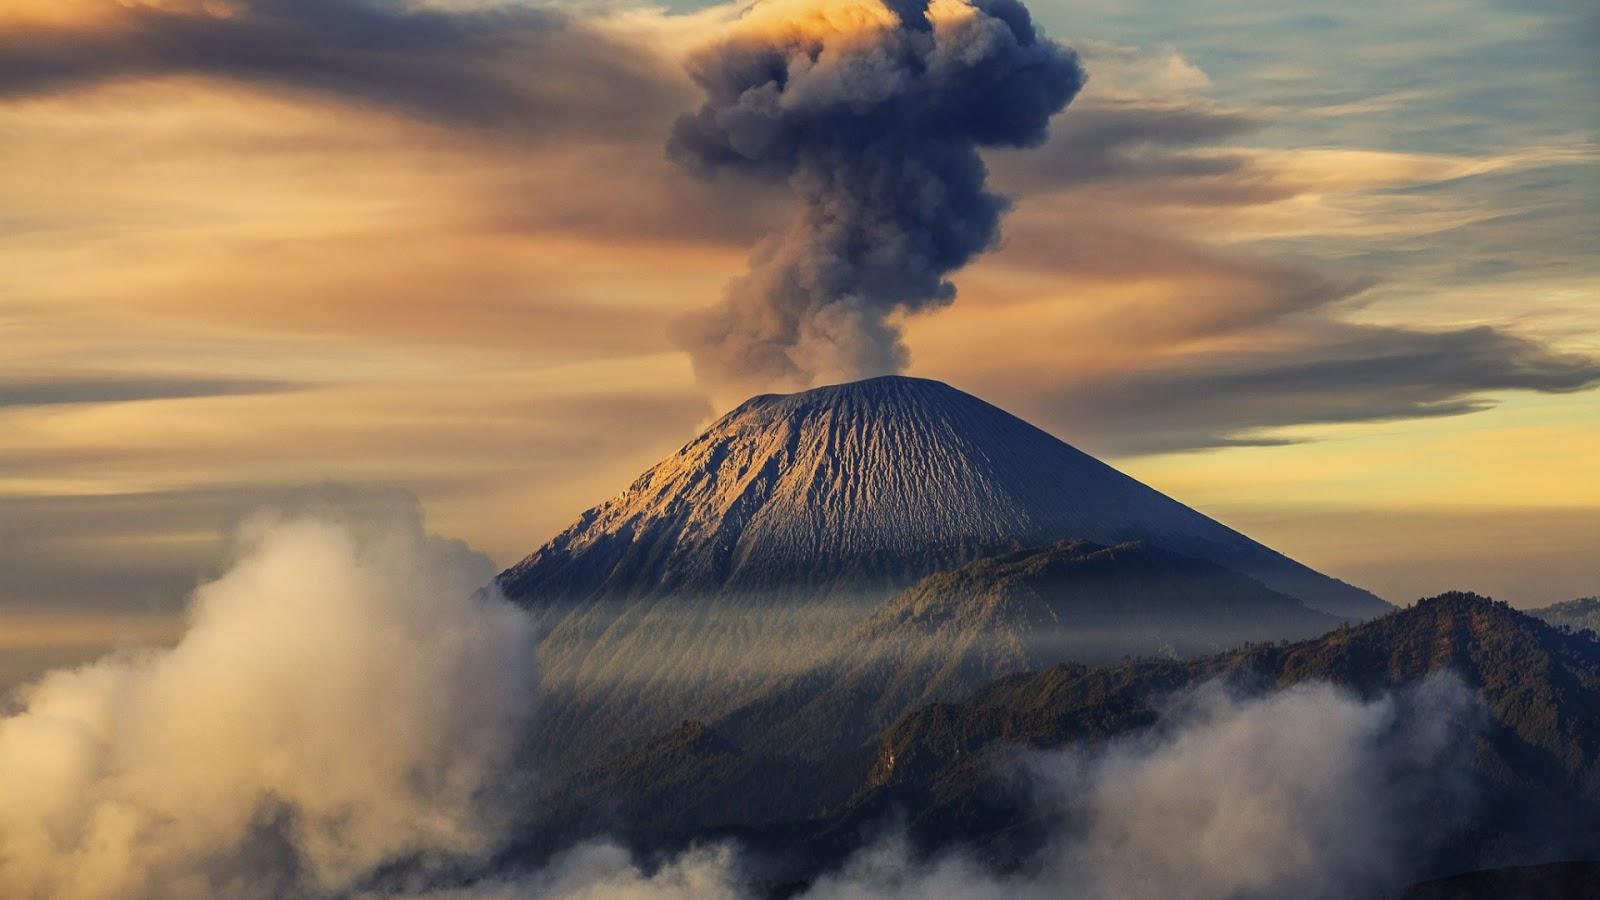 Top 53 Volcano Wallpapers 2017